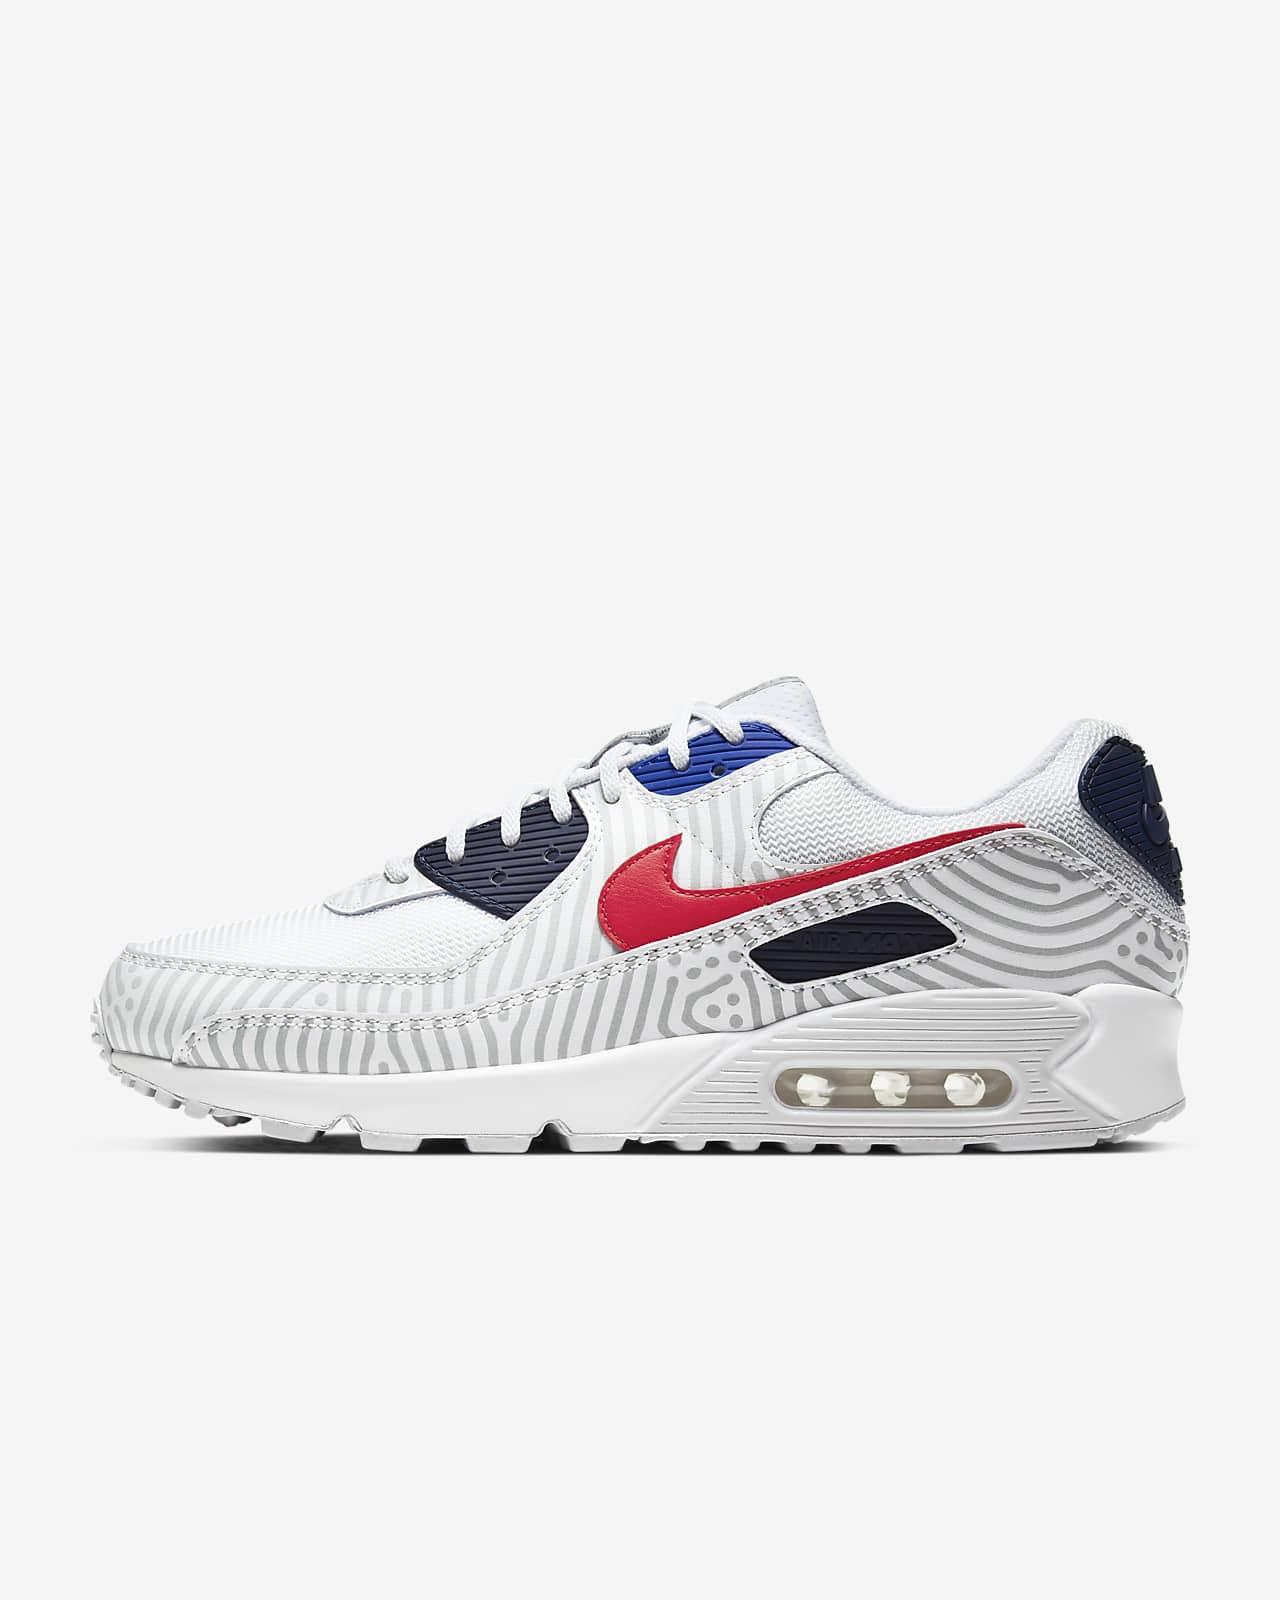 Nike Air Max 90 Erkek Ayakkabısı. Nike TR